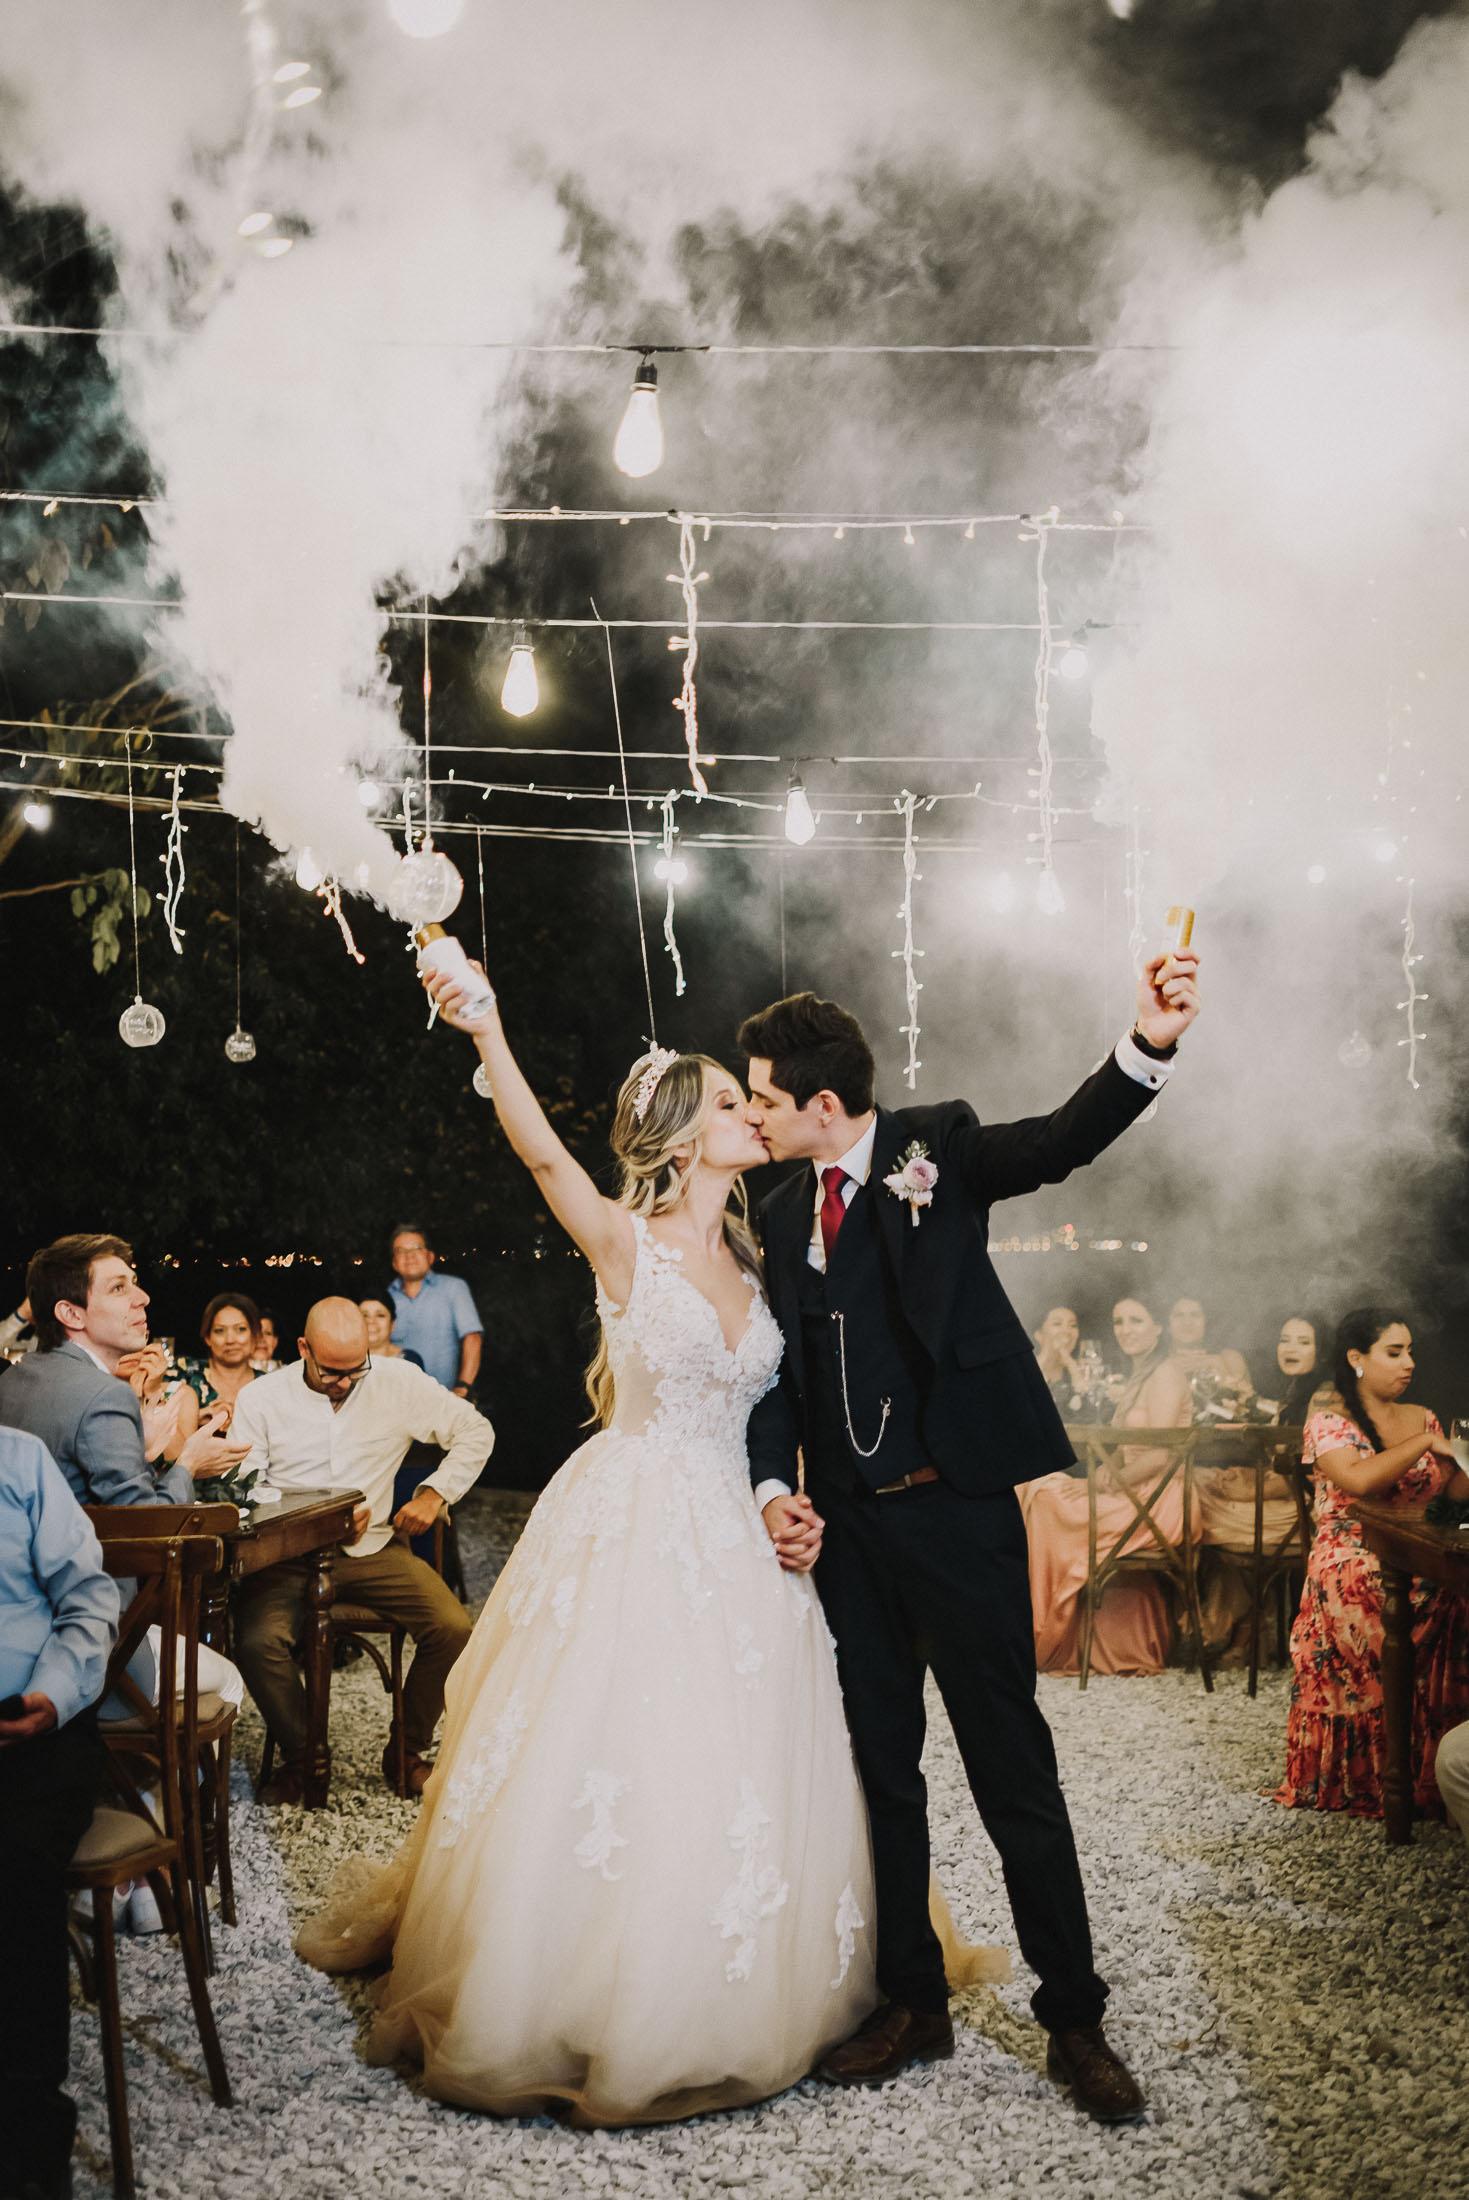 Javier Pardo Fotografía, es conocido como Jota Pardo Wedding Photographer